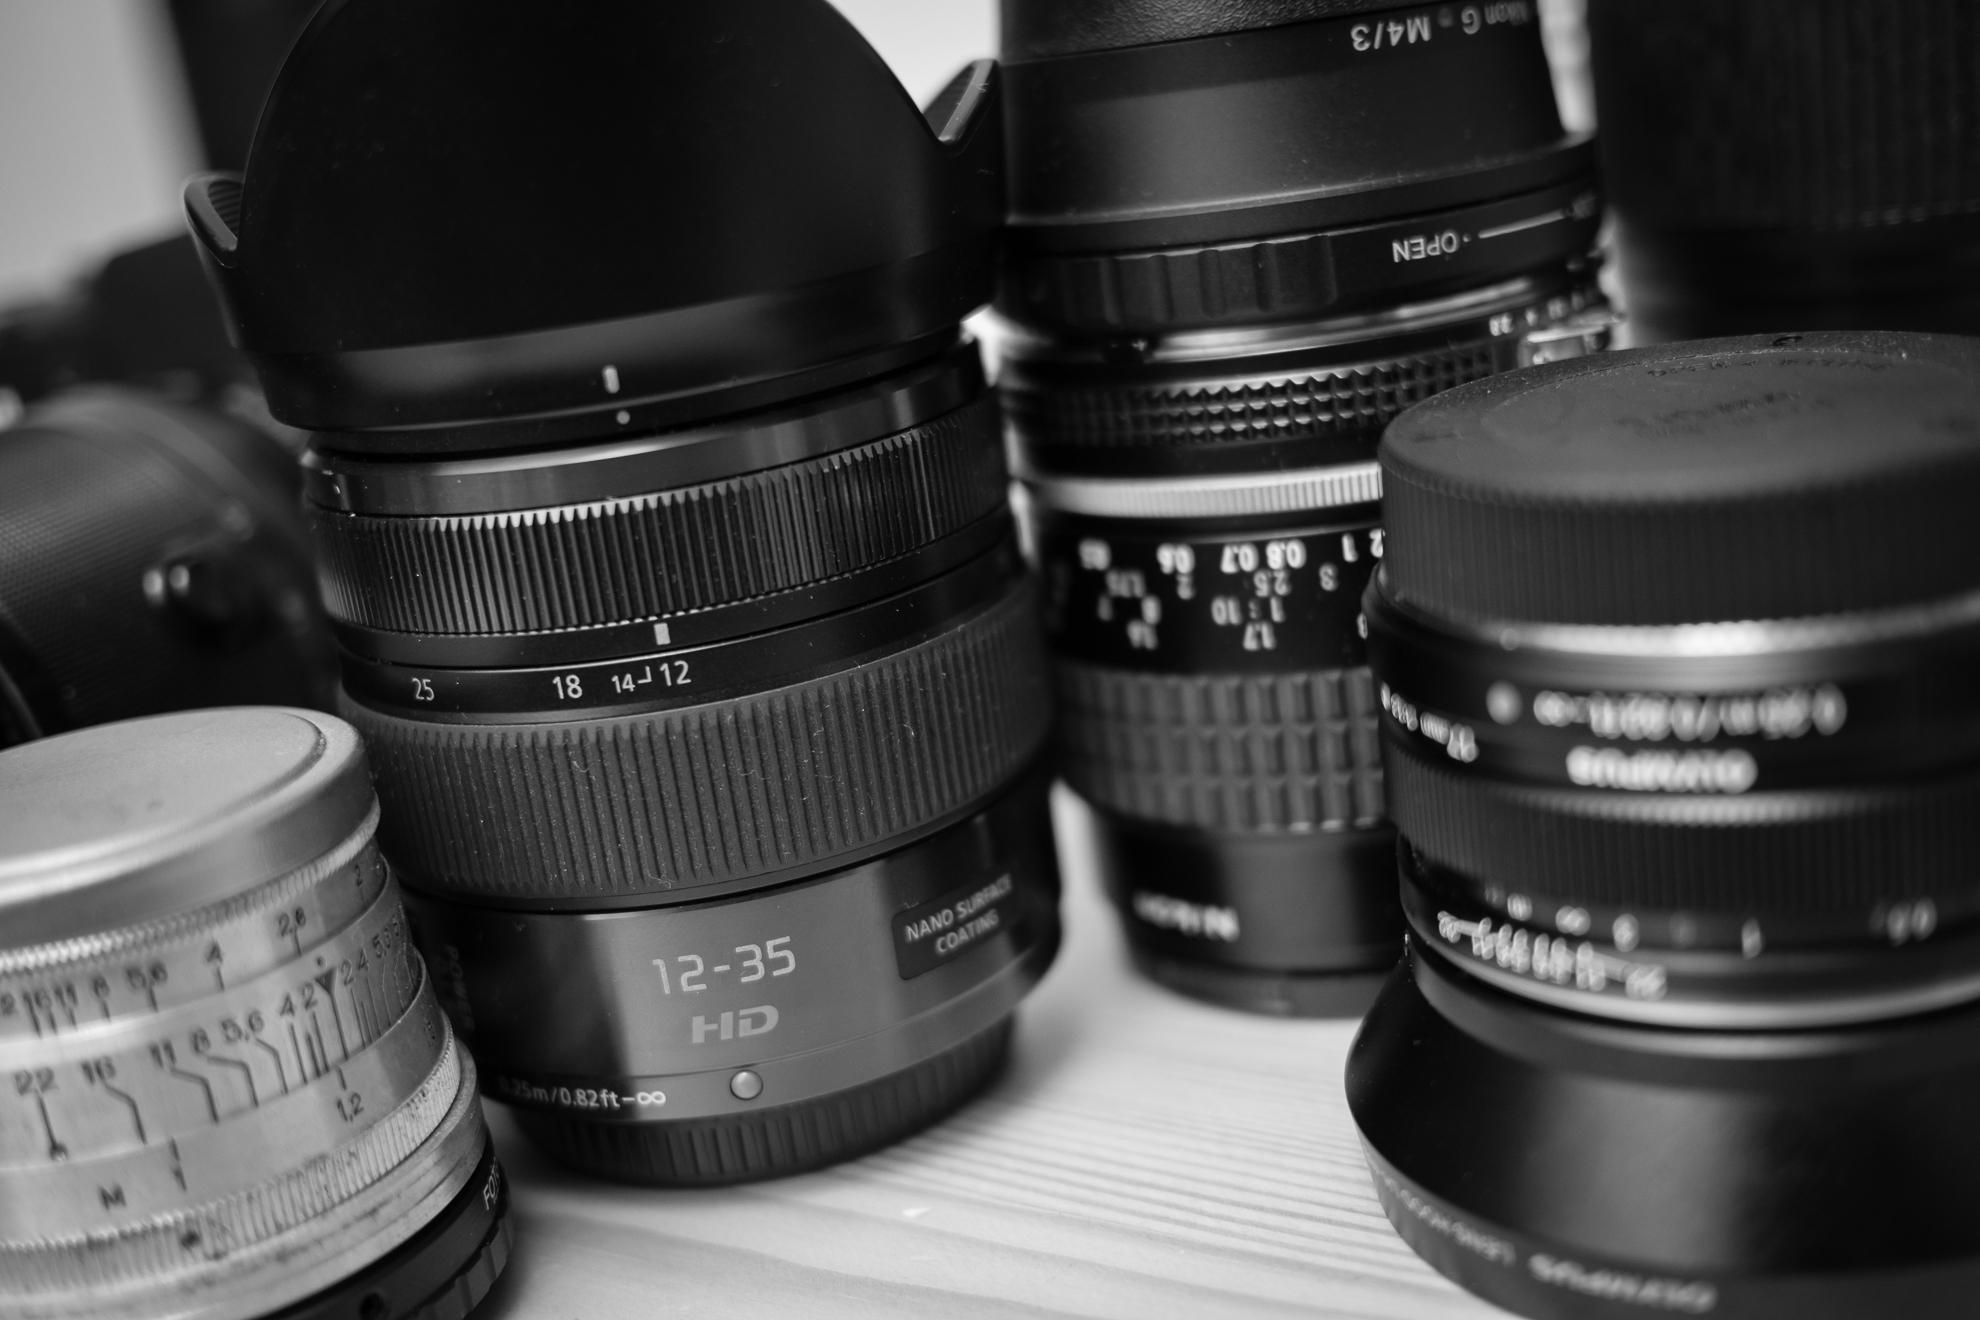 ズームリング・ピントリングの回転方向、カメラ・レンズのメーカー別まとめ。キヤノンとニコンが逆なのは何故?